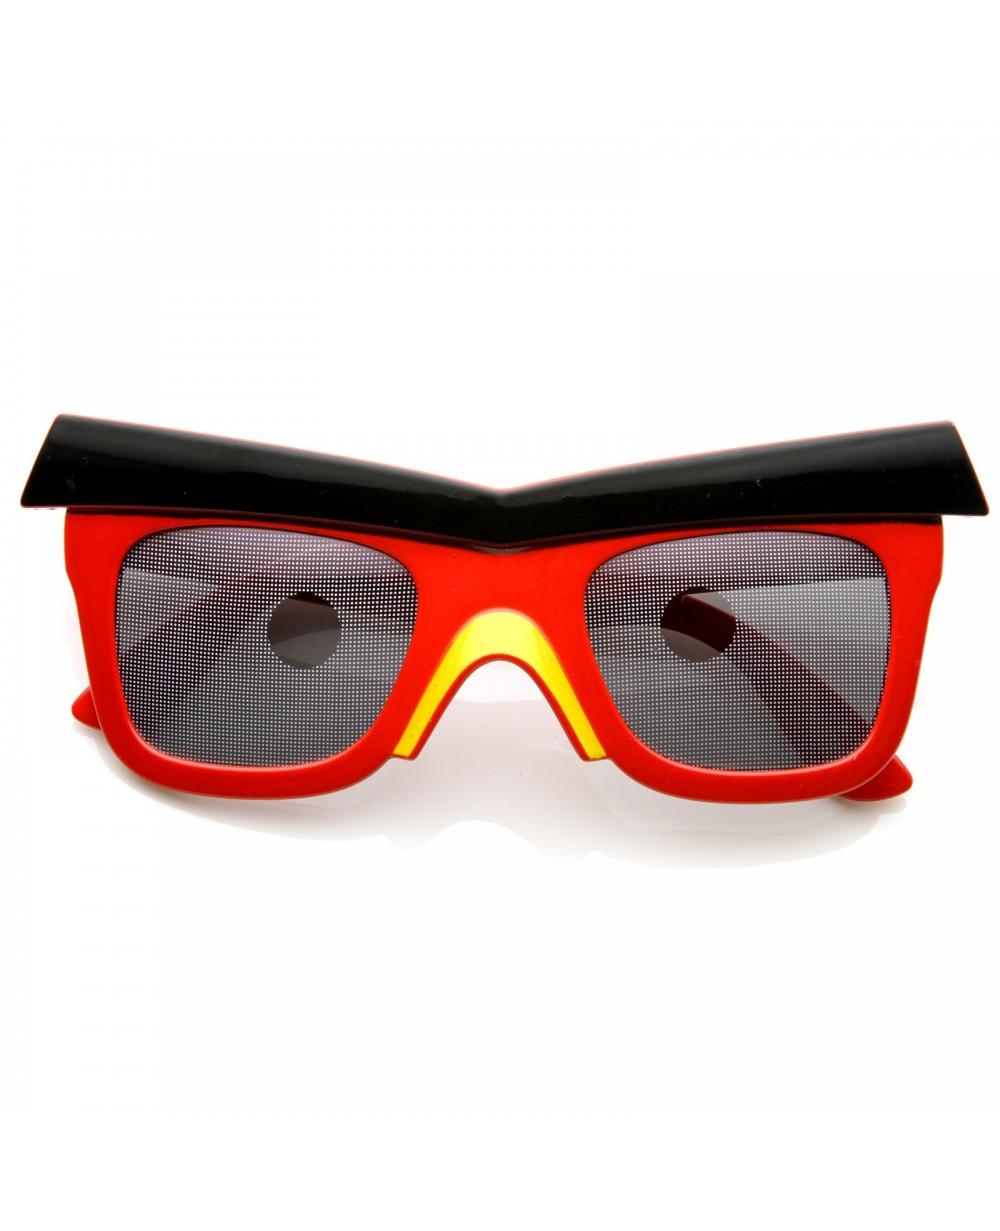 Beak-Sunglasses 12 Unusual Sunglasses trends in 2021